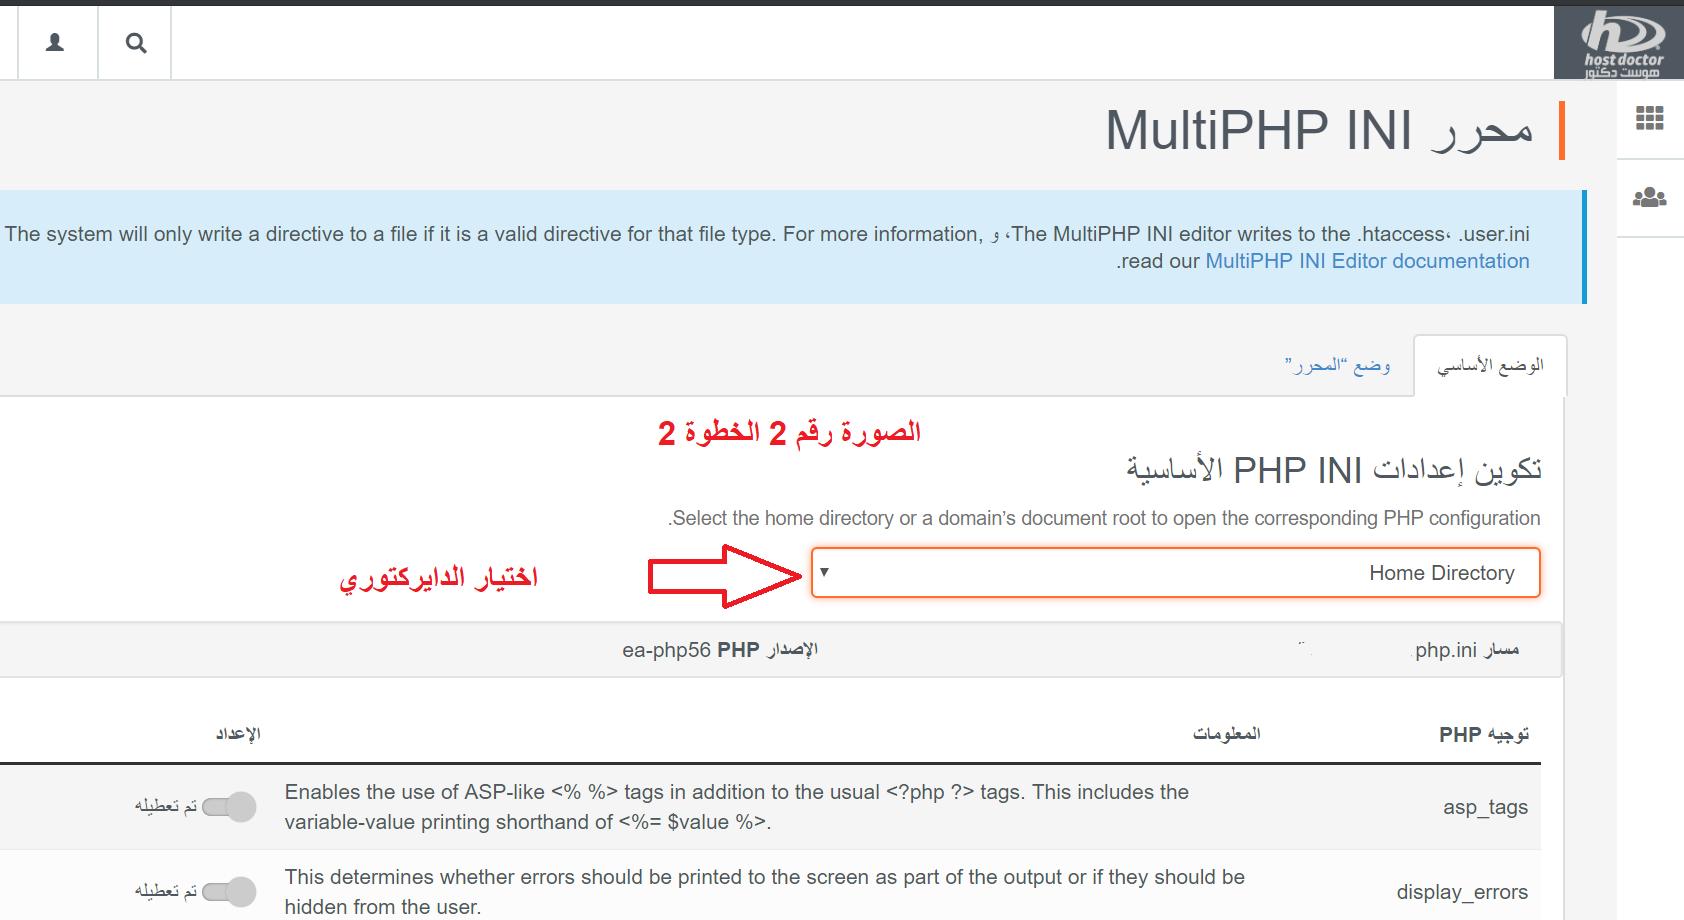 MultiPHP INI